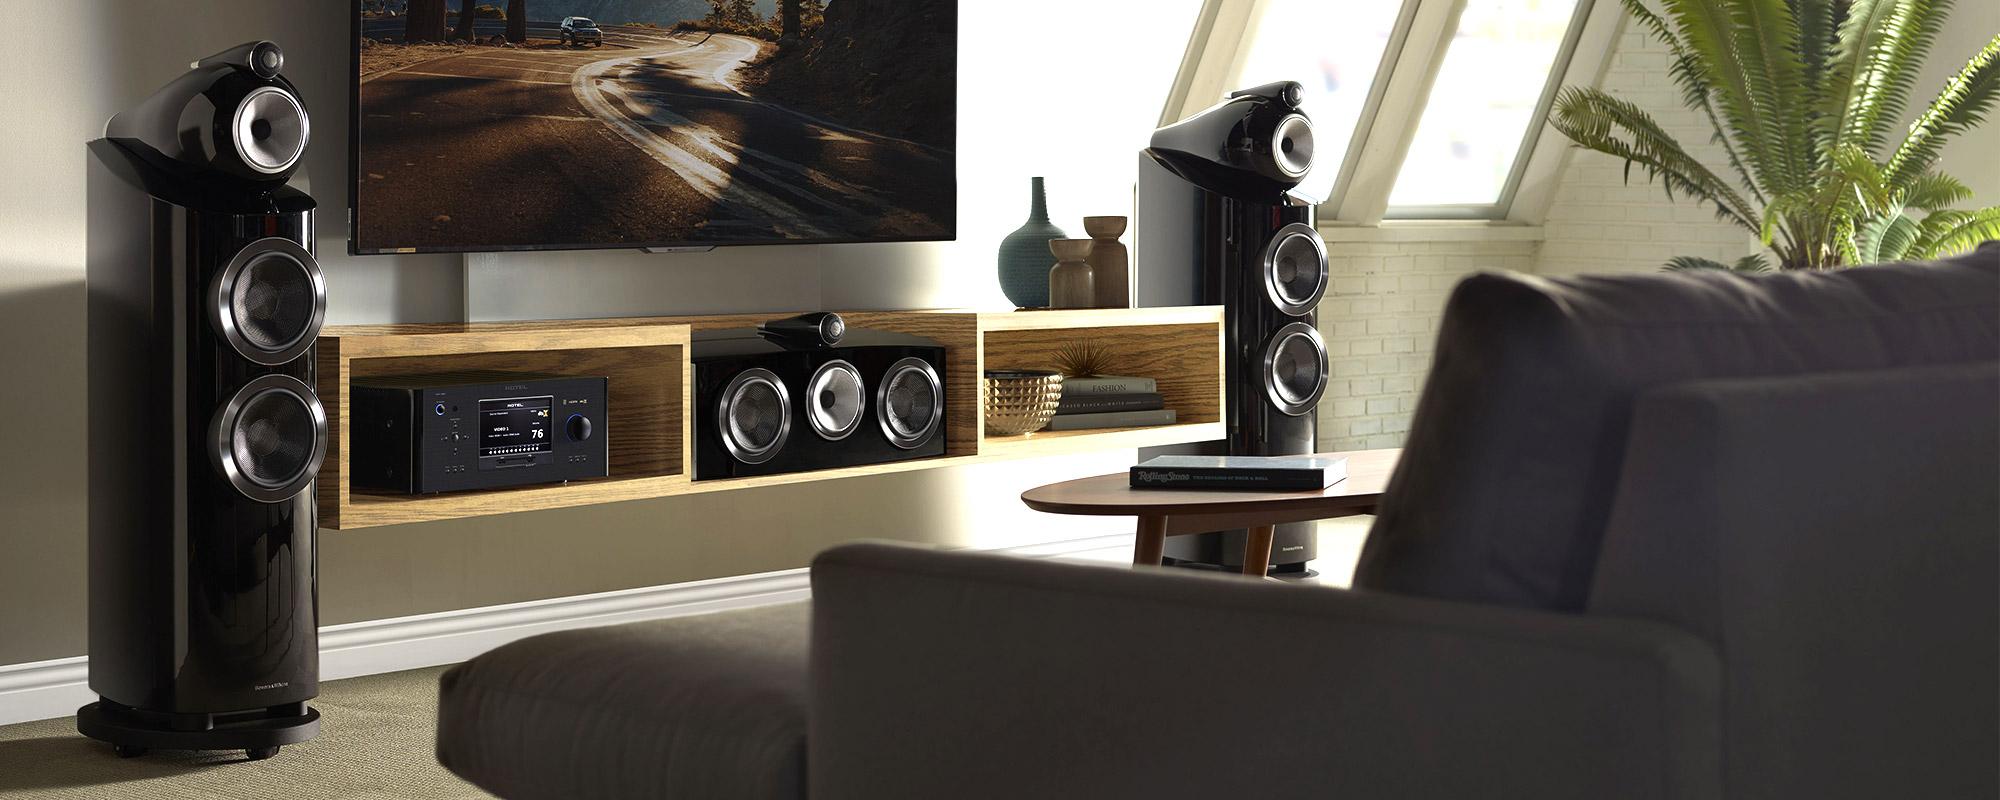 Projetos de home theater de alto padrão